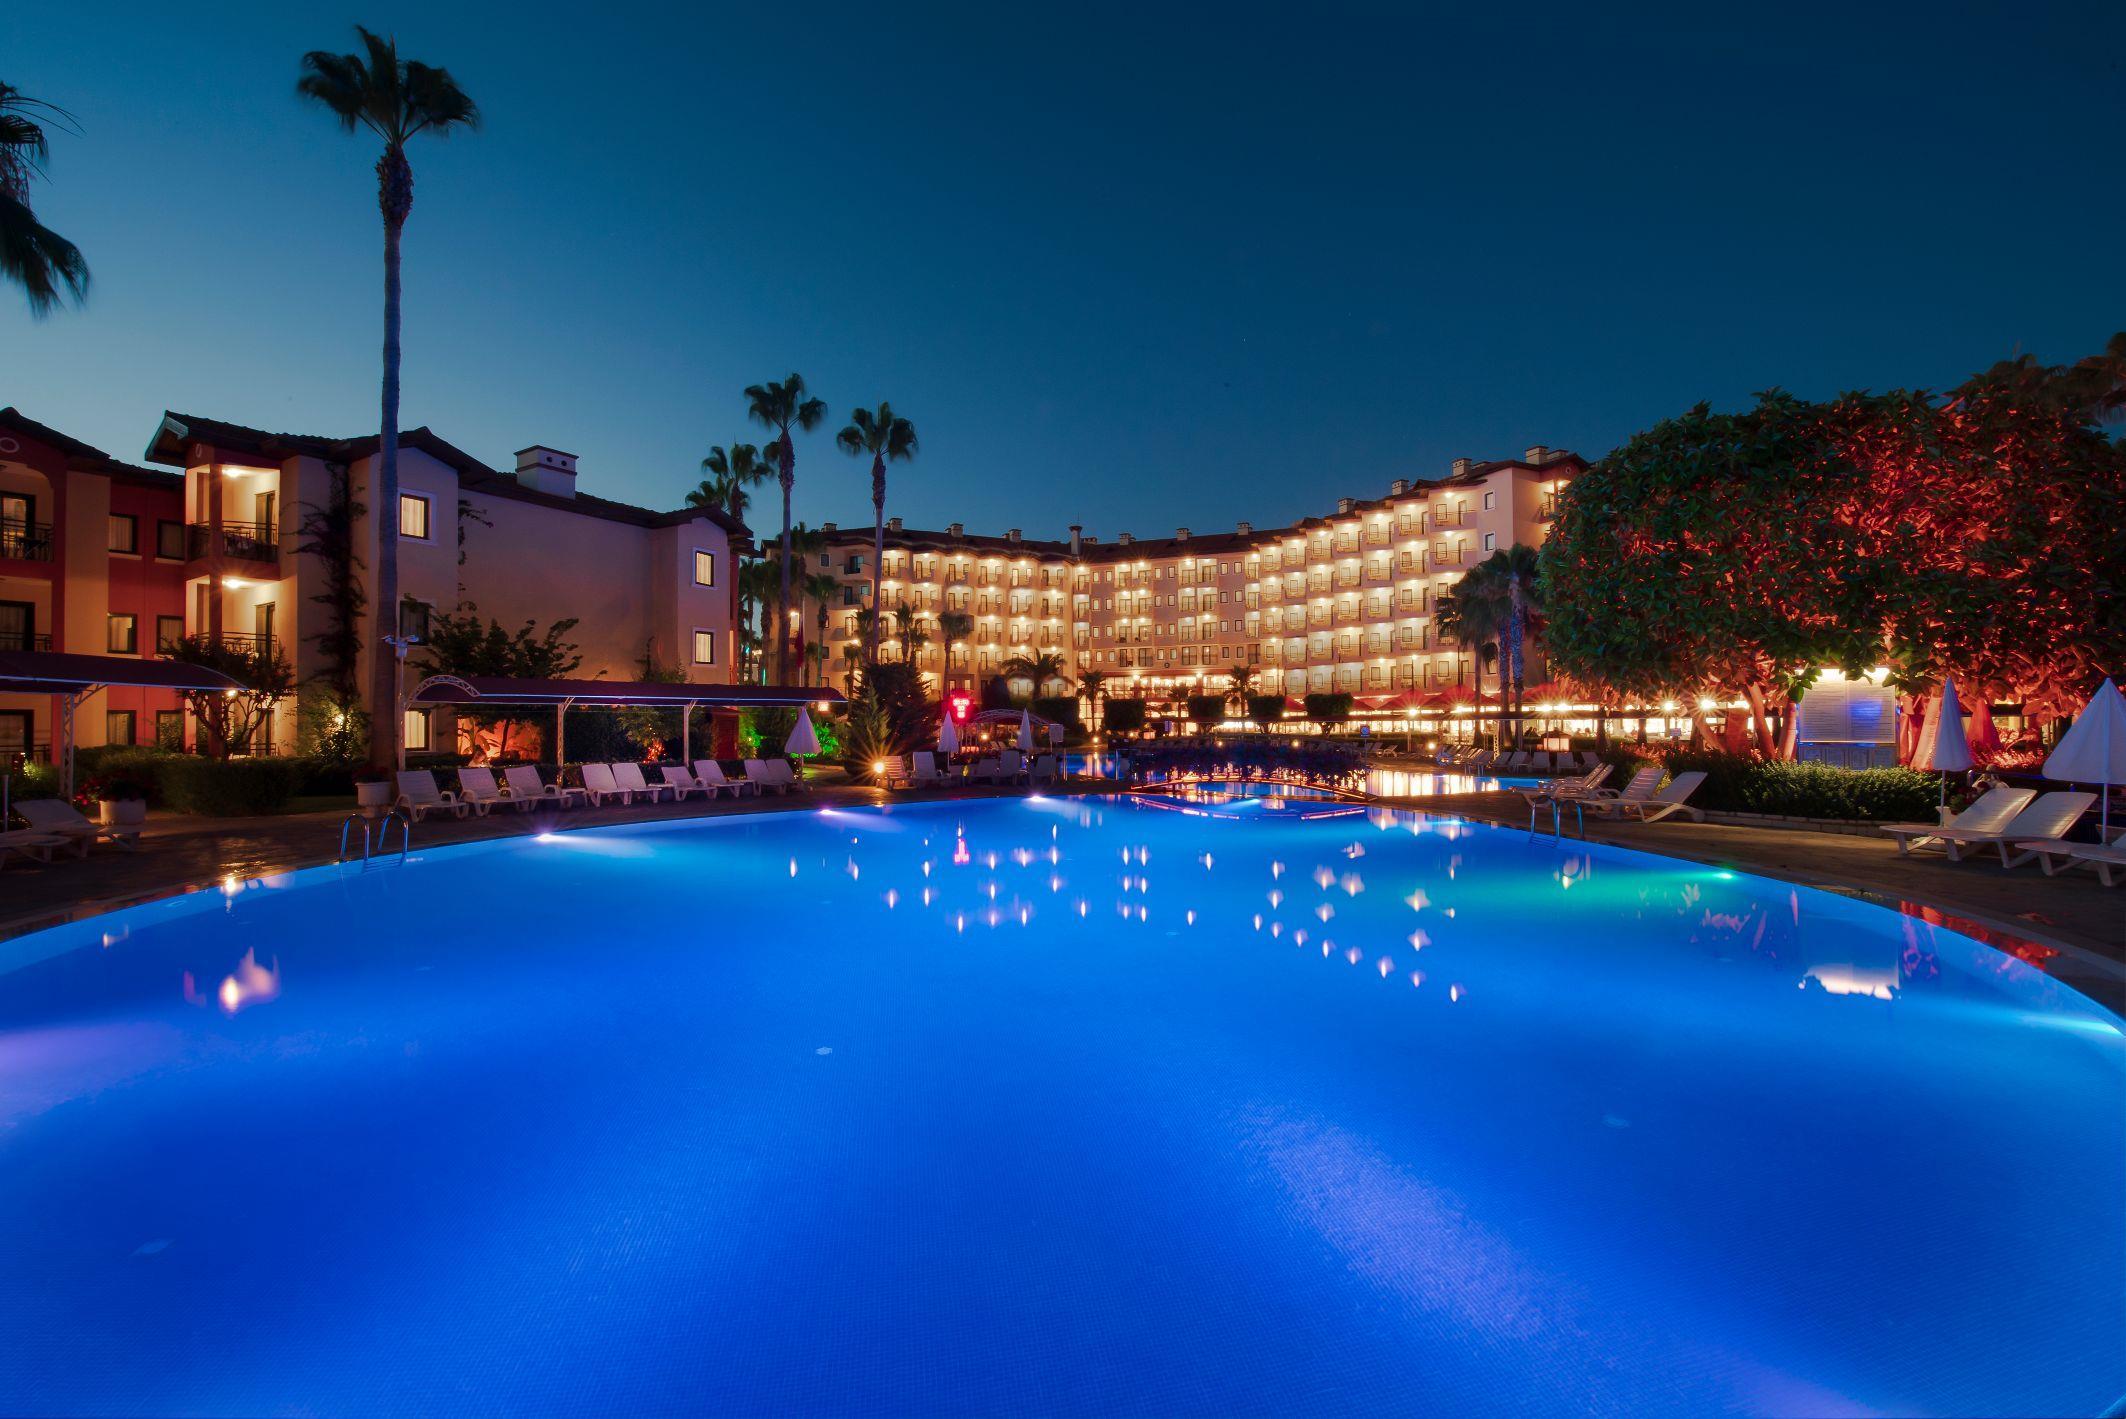 http://www.orextravel.sk/OREX/hotelphotos/miramare-queen-hotel-general-0090.jpg